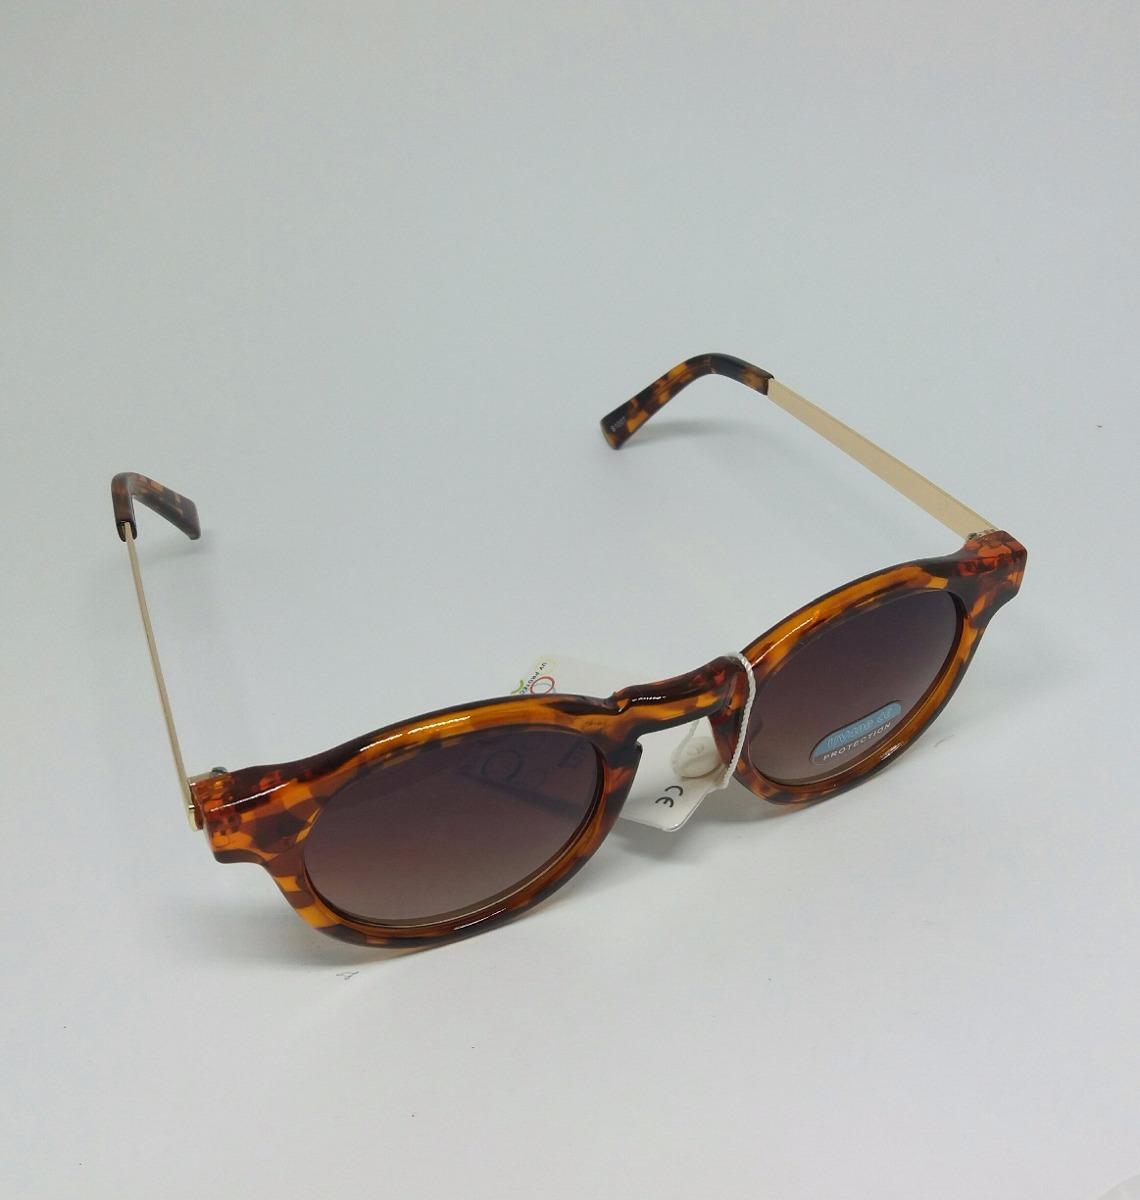 70199373bdc72 óculos de sol feminino retro vintage estiloso oc21. Carregando zoom.